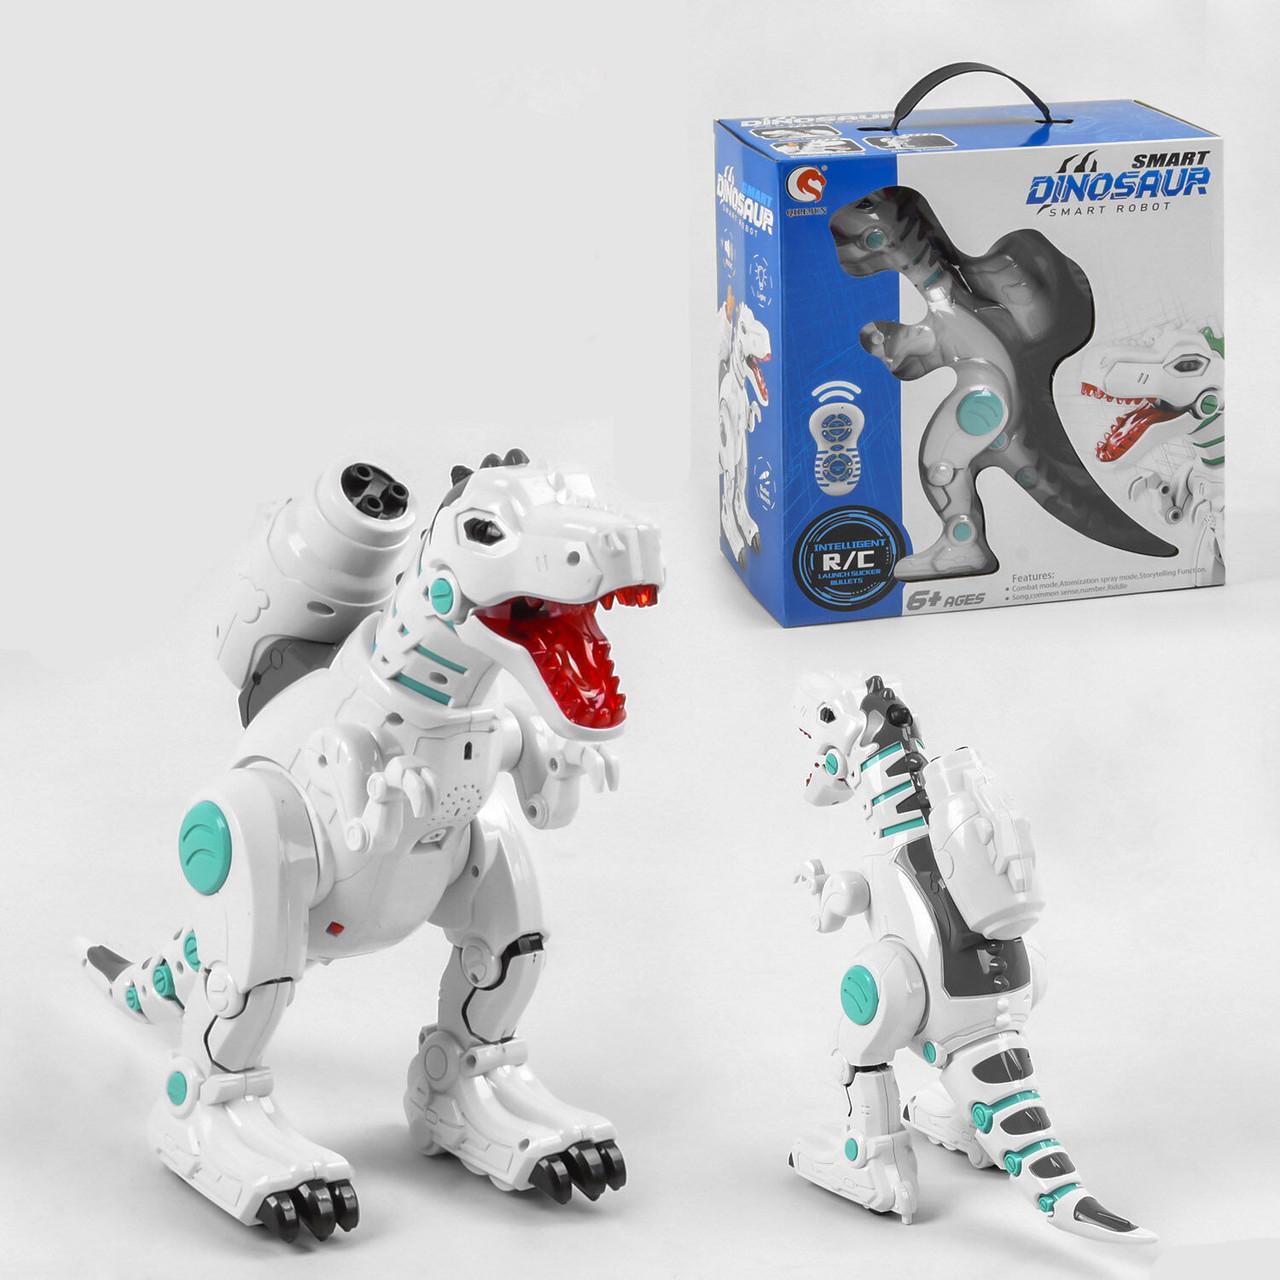 """Дитячий робот-динозавр """"Smart Dinosaur"""", підсвічування очей, 12 функцій, стріляє, ходить, танцює"""